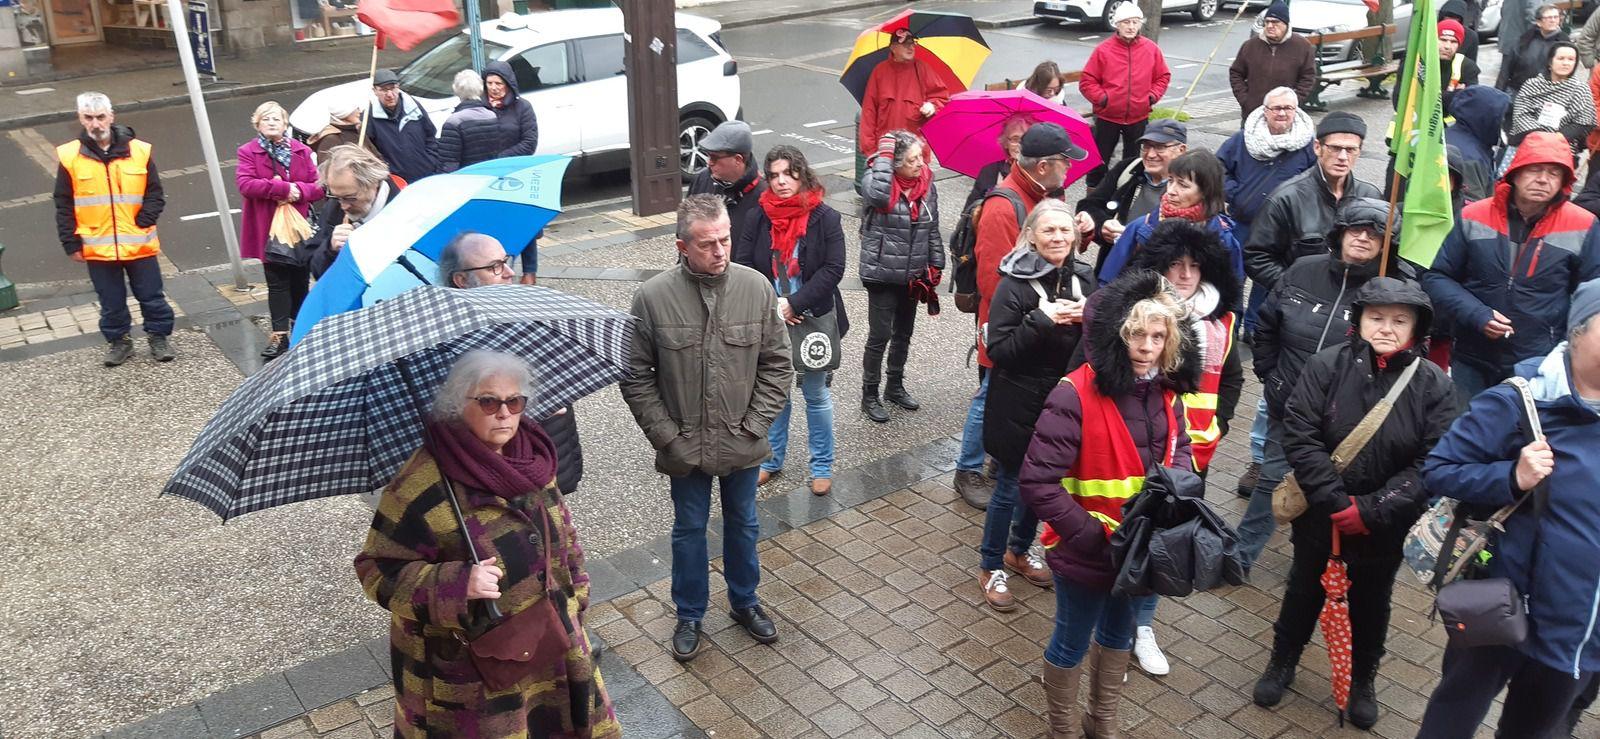 Nouvelle mobilisation sur les retraites à Morlaix - 20 février 2020 - 250 à 300 manifestants (photos Jean-Luc Le Calvez et Pierre-Yvon Boisnard)